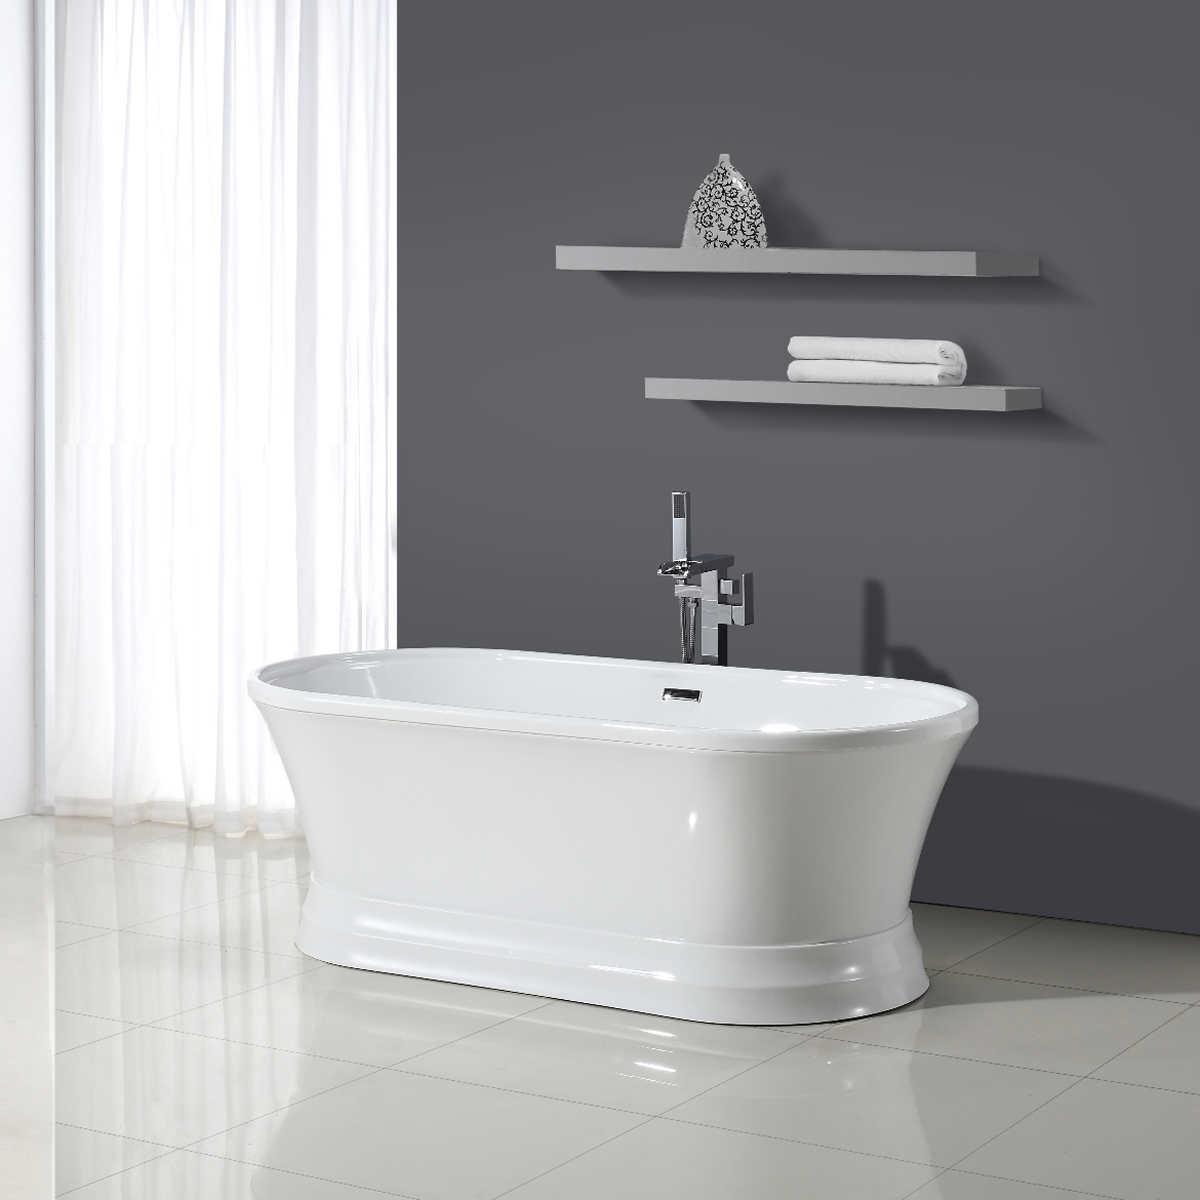 Freestanding Bath Tub Treece Acrylic Freestanding TubTreece